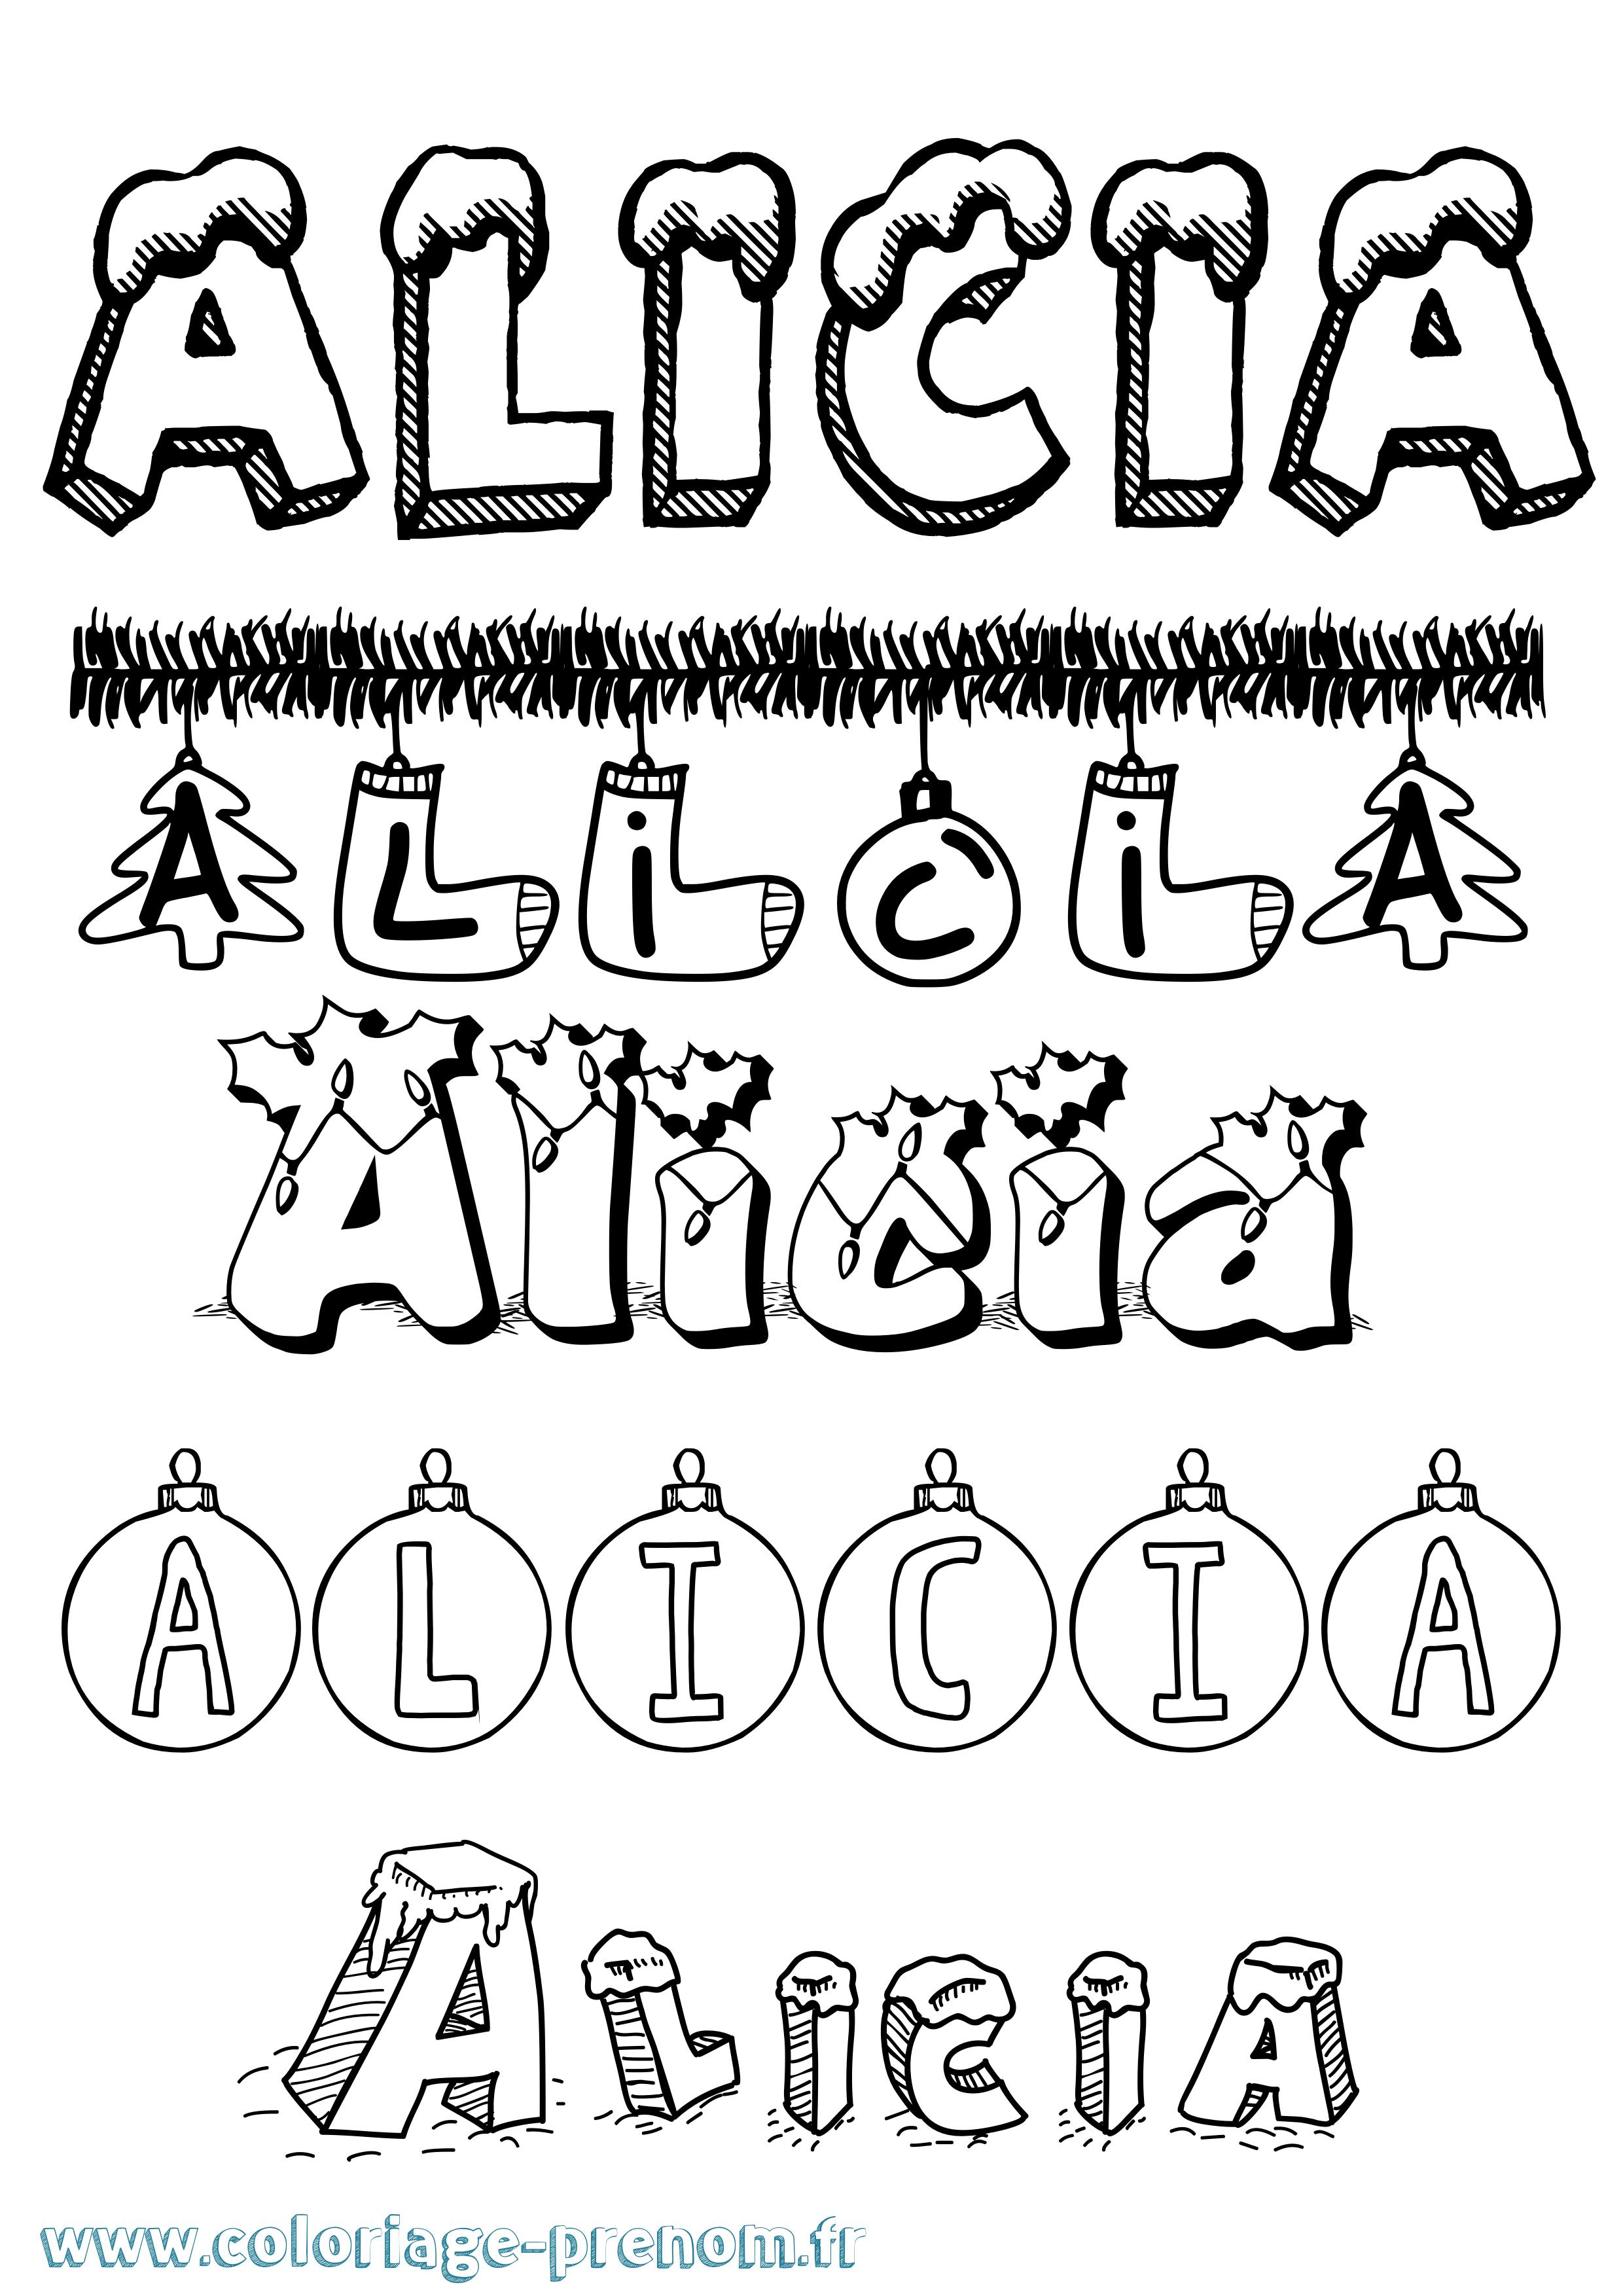 Coloriage du prénom Alicia : à Imprimer ou Télécharger ...